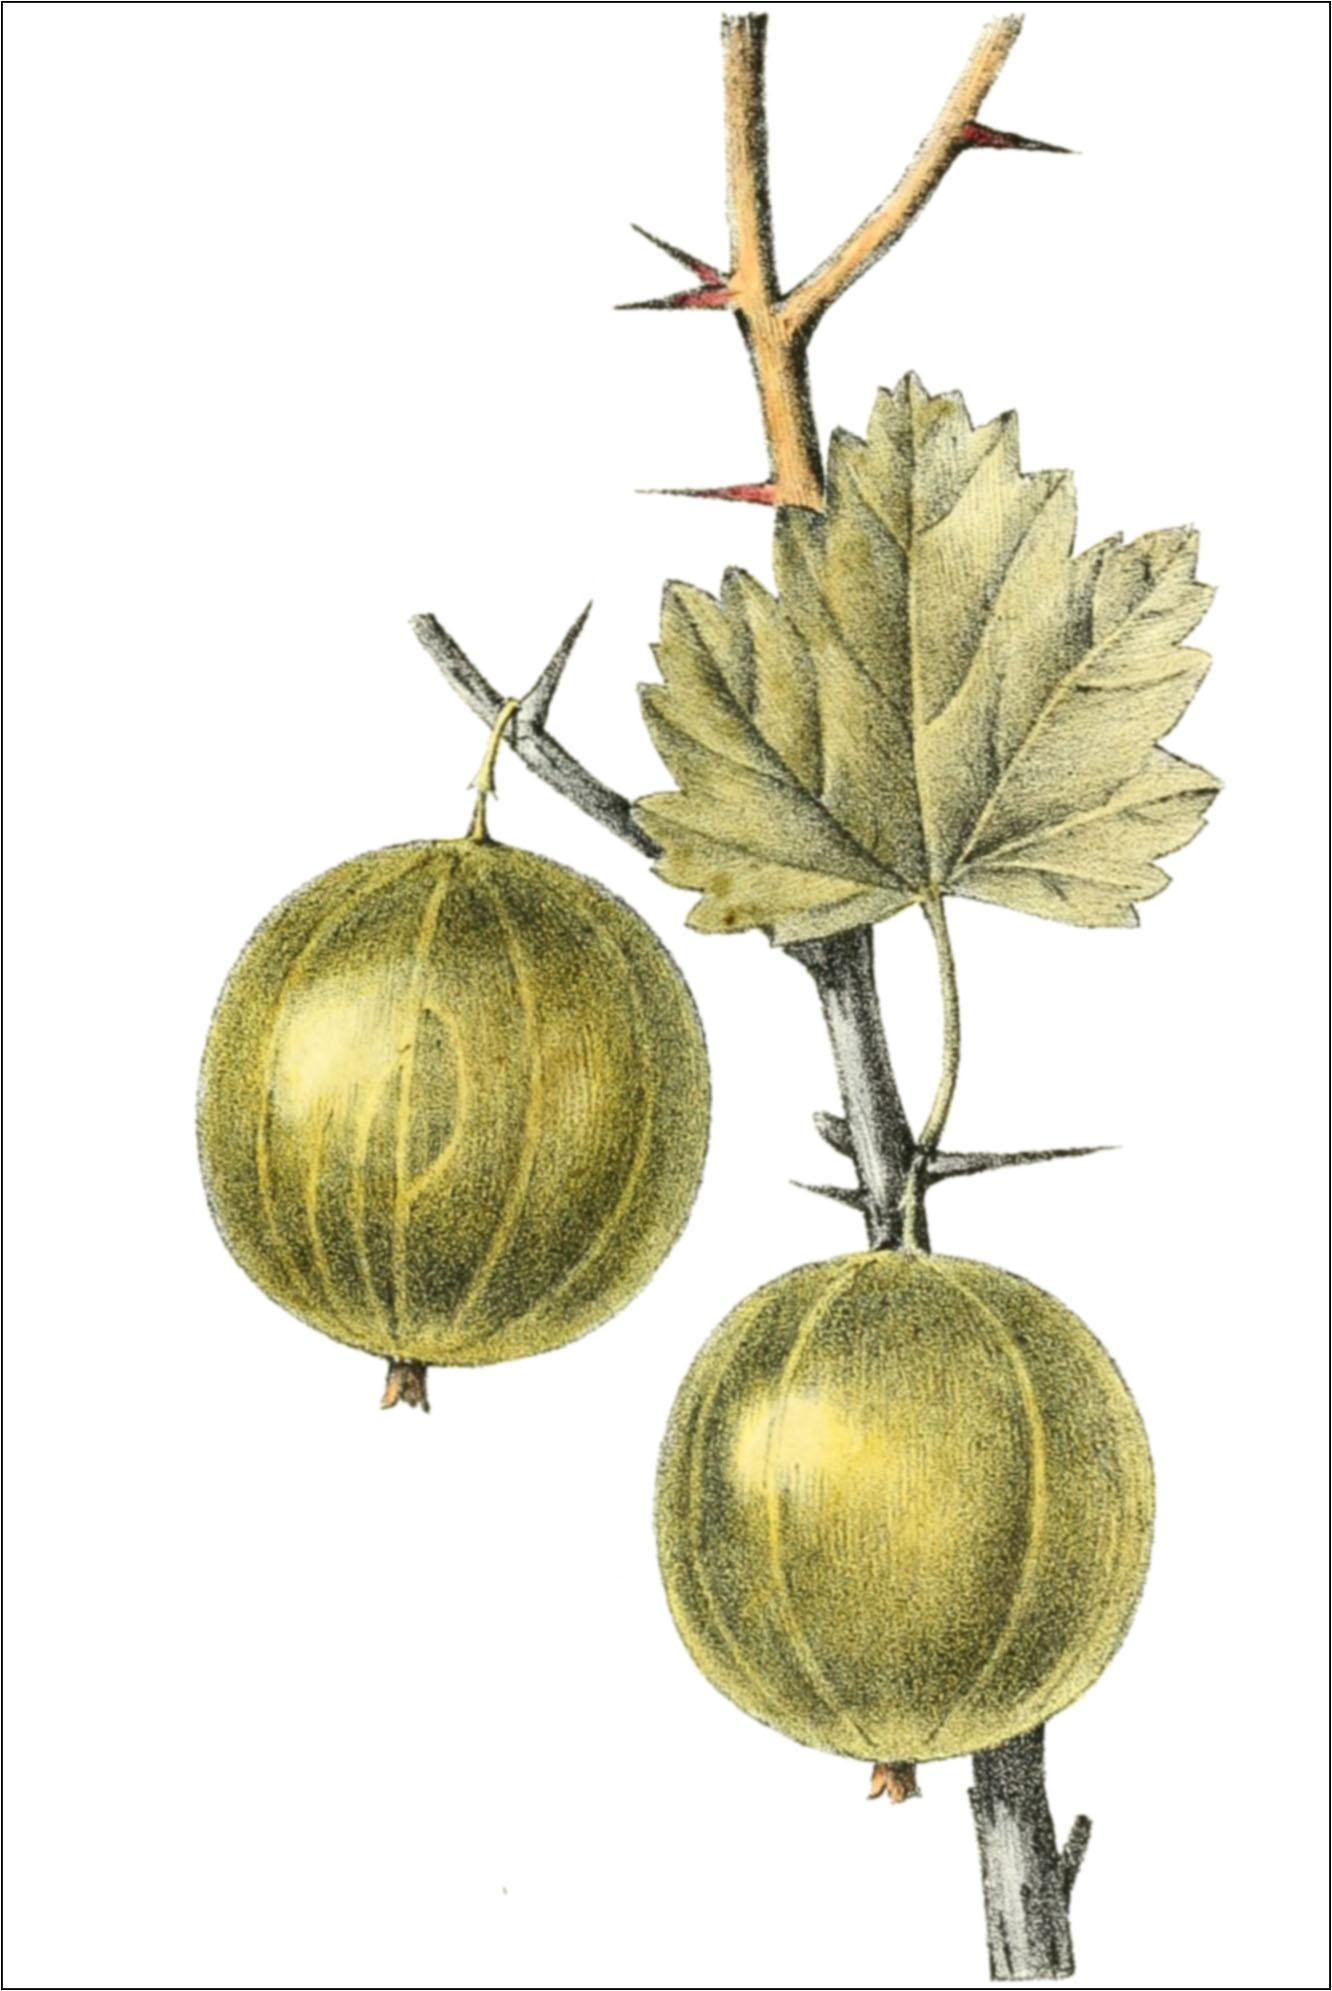 fichier ribes uva crispa var virescens thory fig11 jpg wikisource. Black Bedroom Furniture Sets. Home Design Ideas